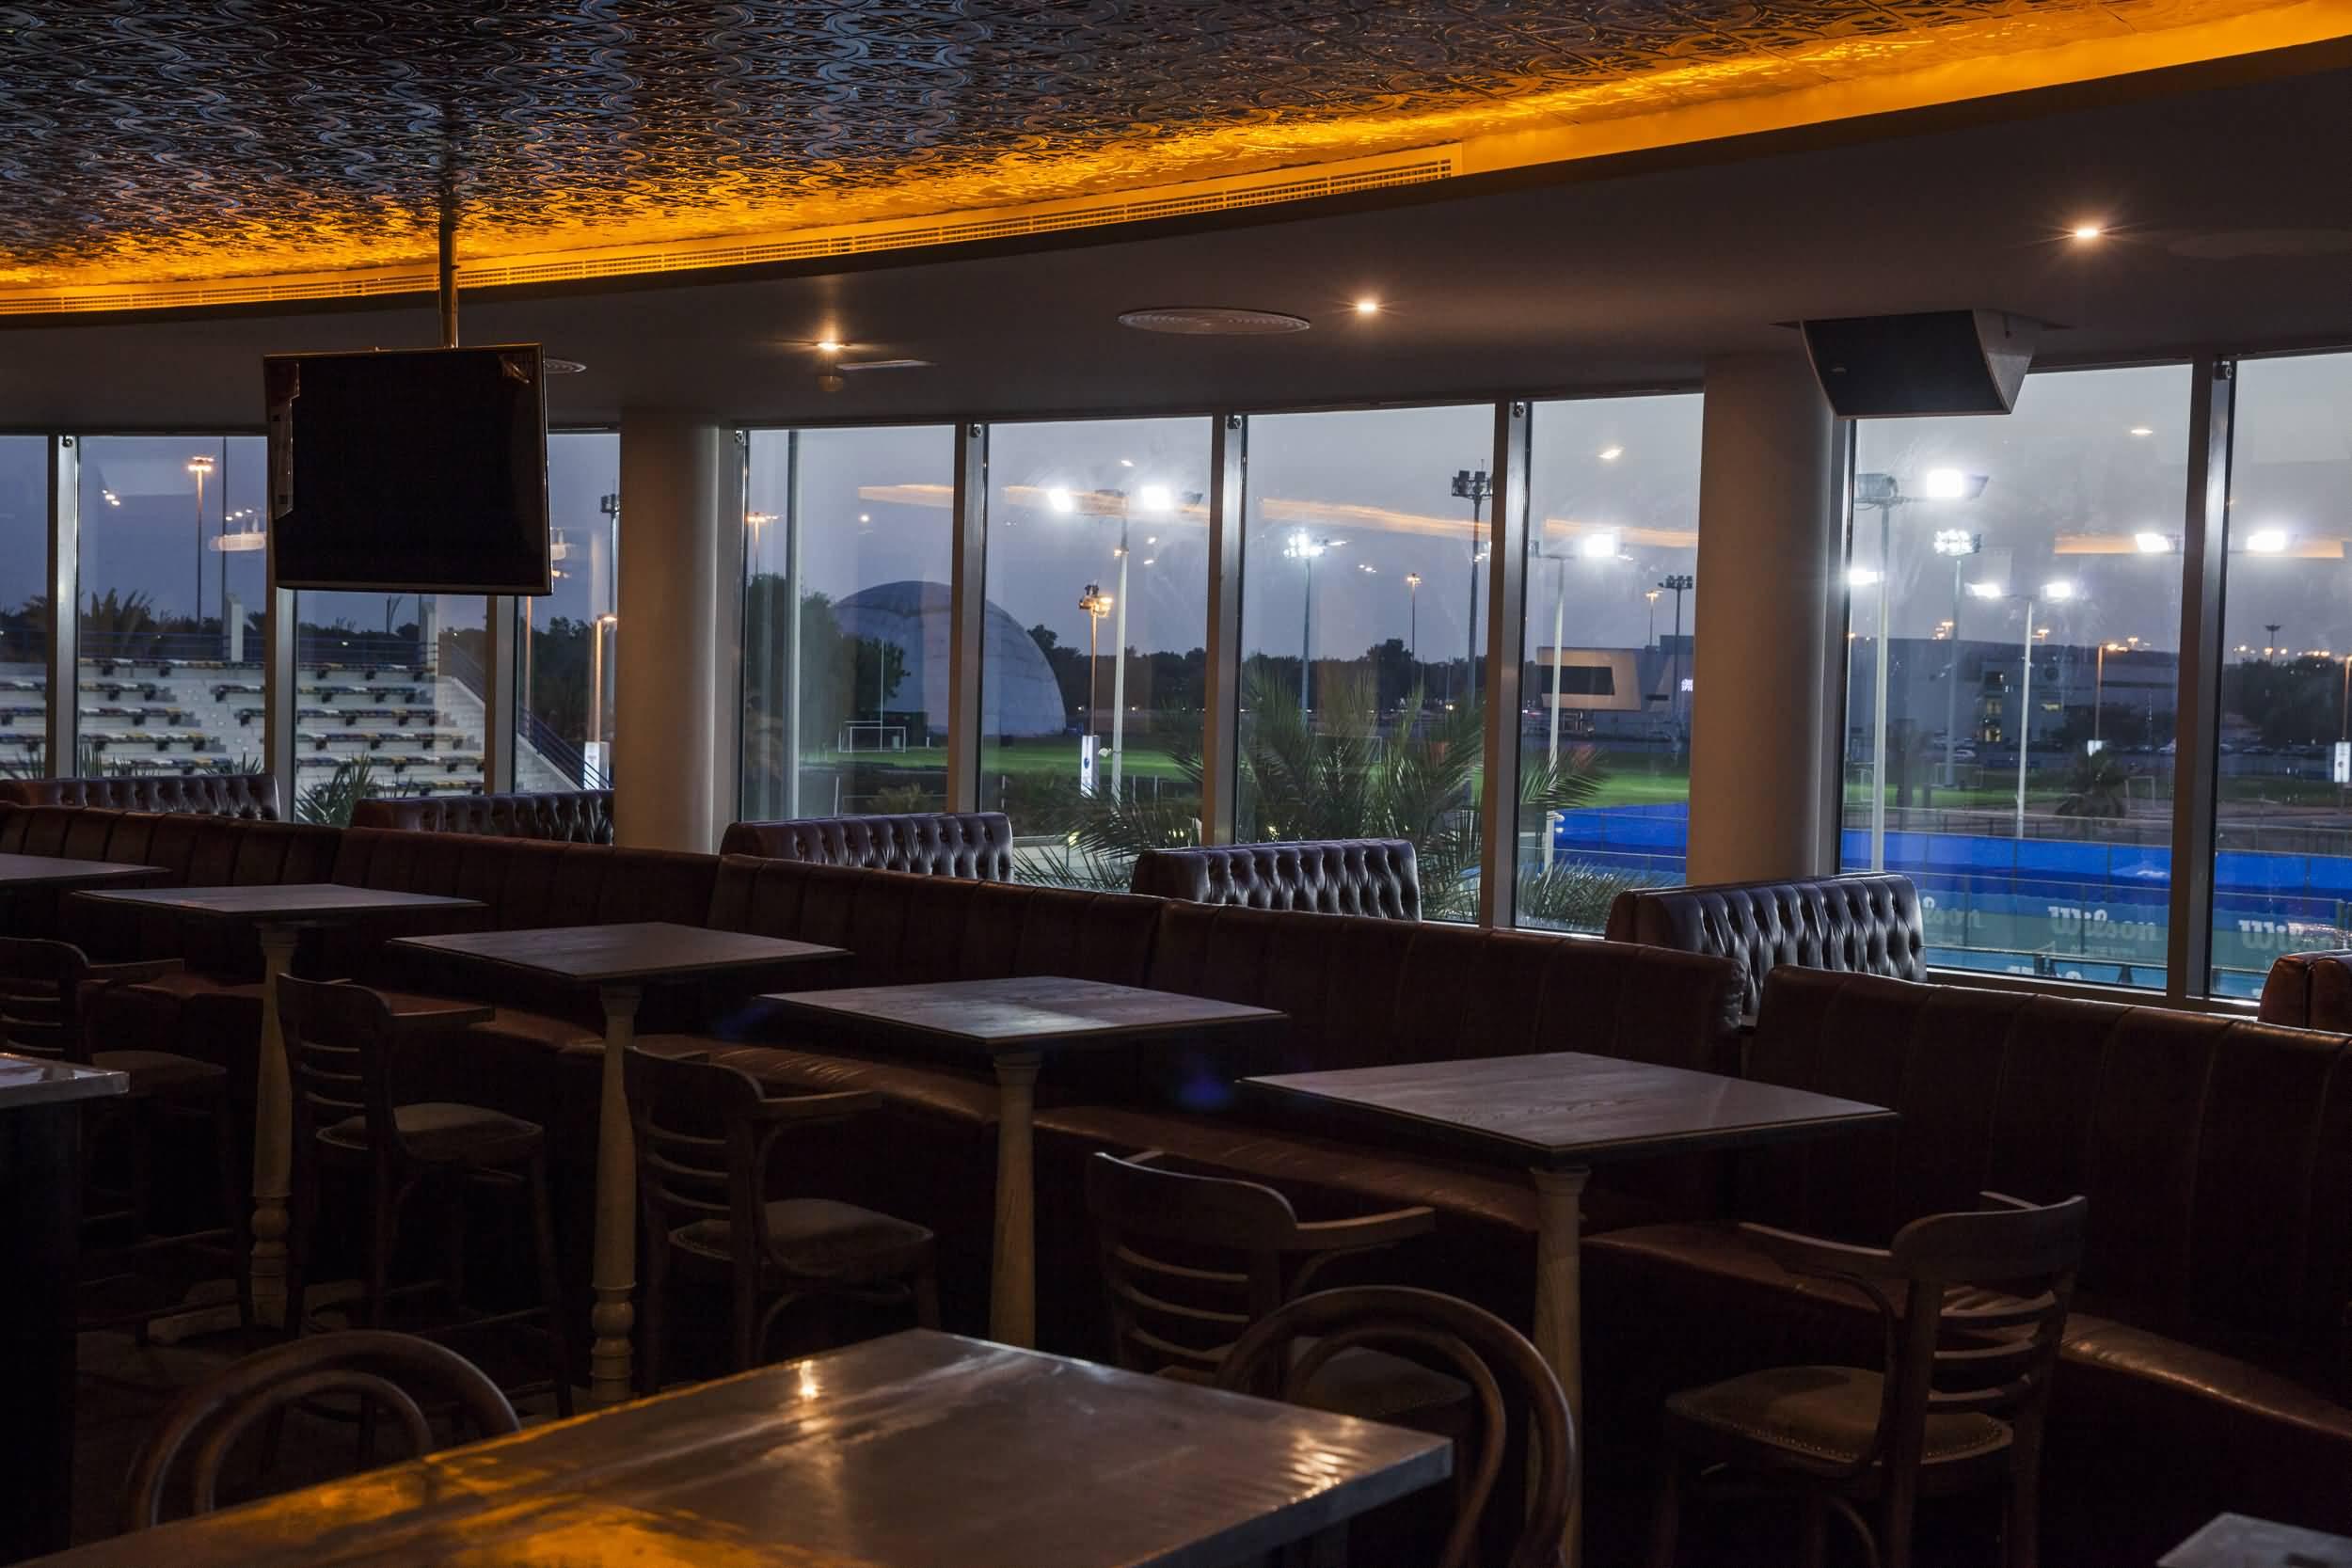 افتتاح مطعم سبورتسمانز آرمز في أبوظبي